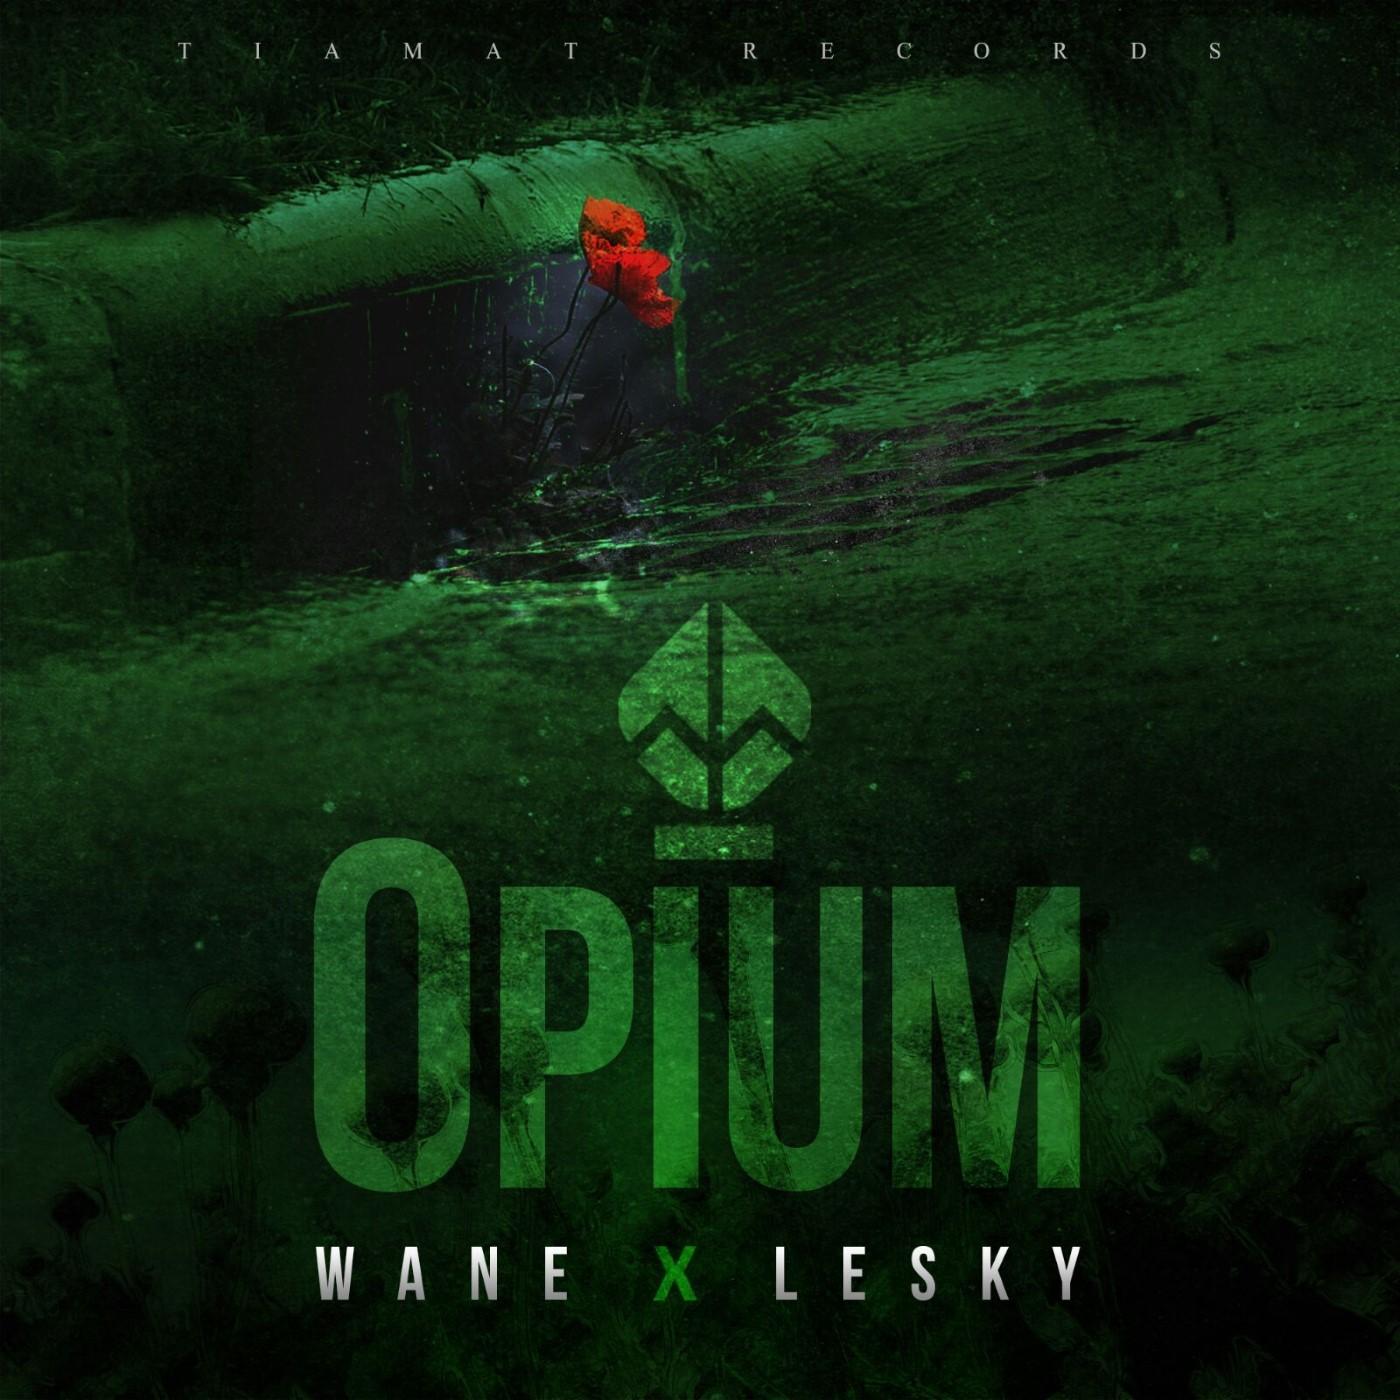 Wane y Lesky - Opium (Ficha con tracklist)